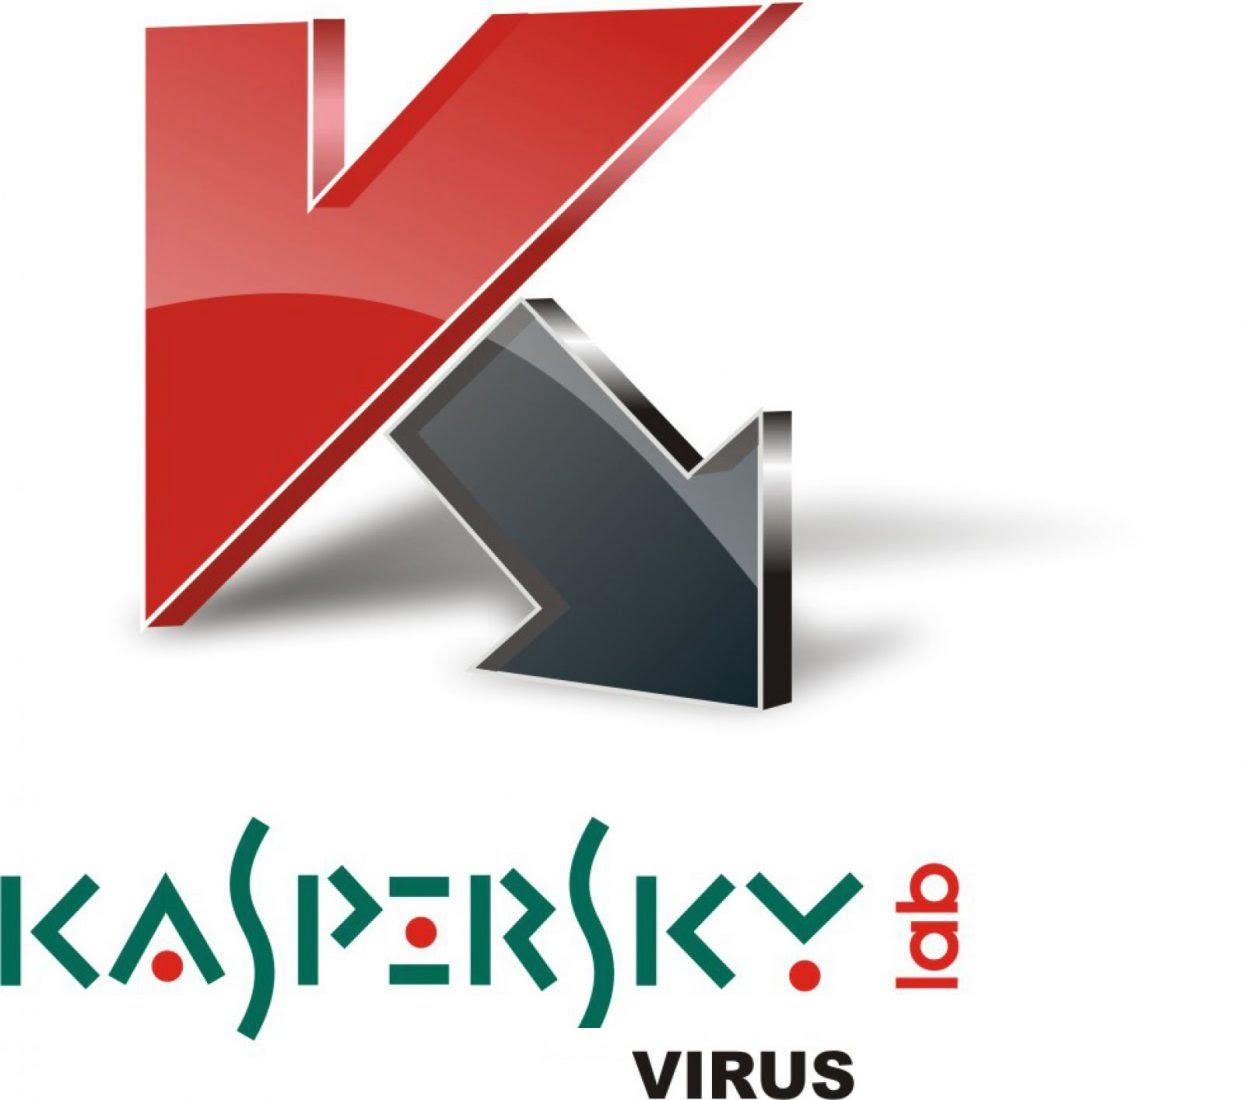 Kaspersky virus